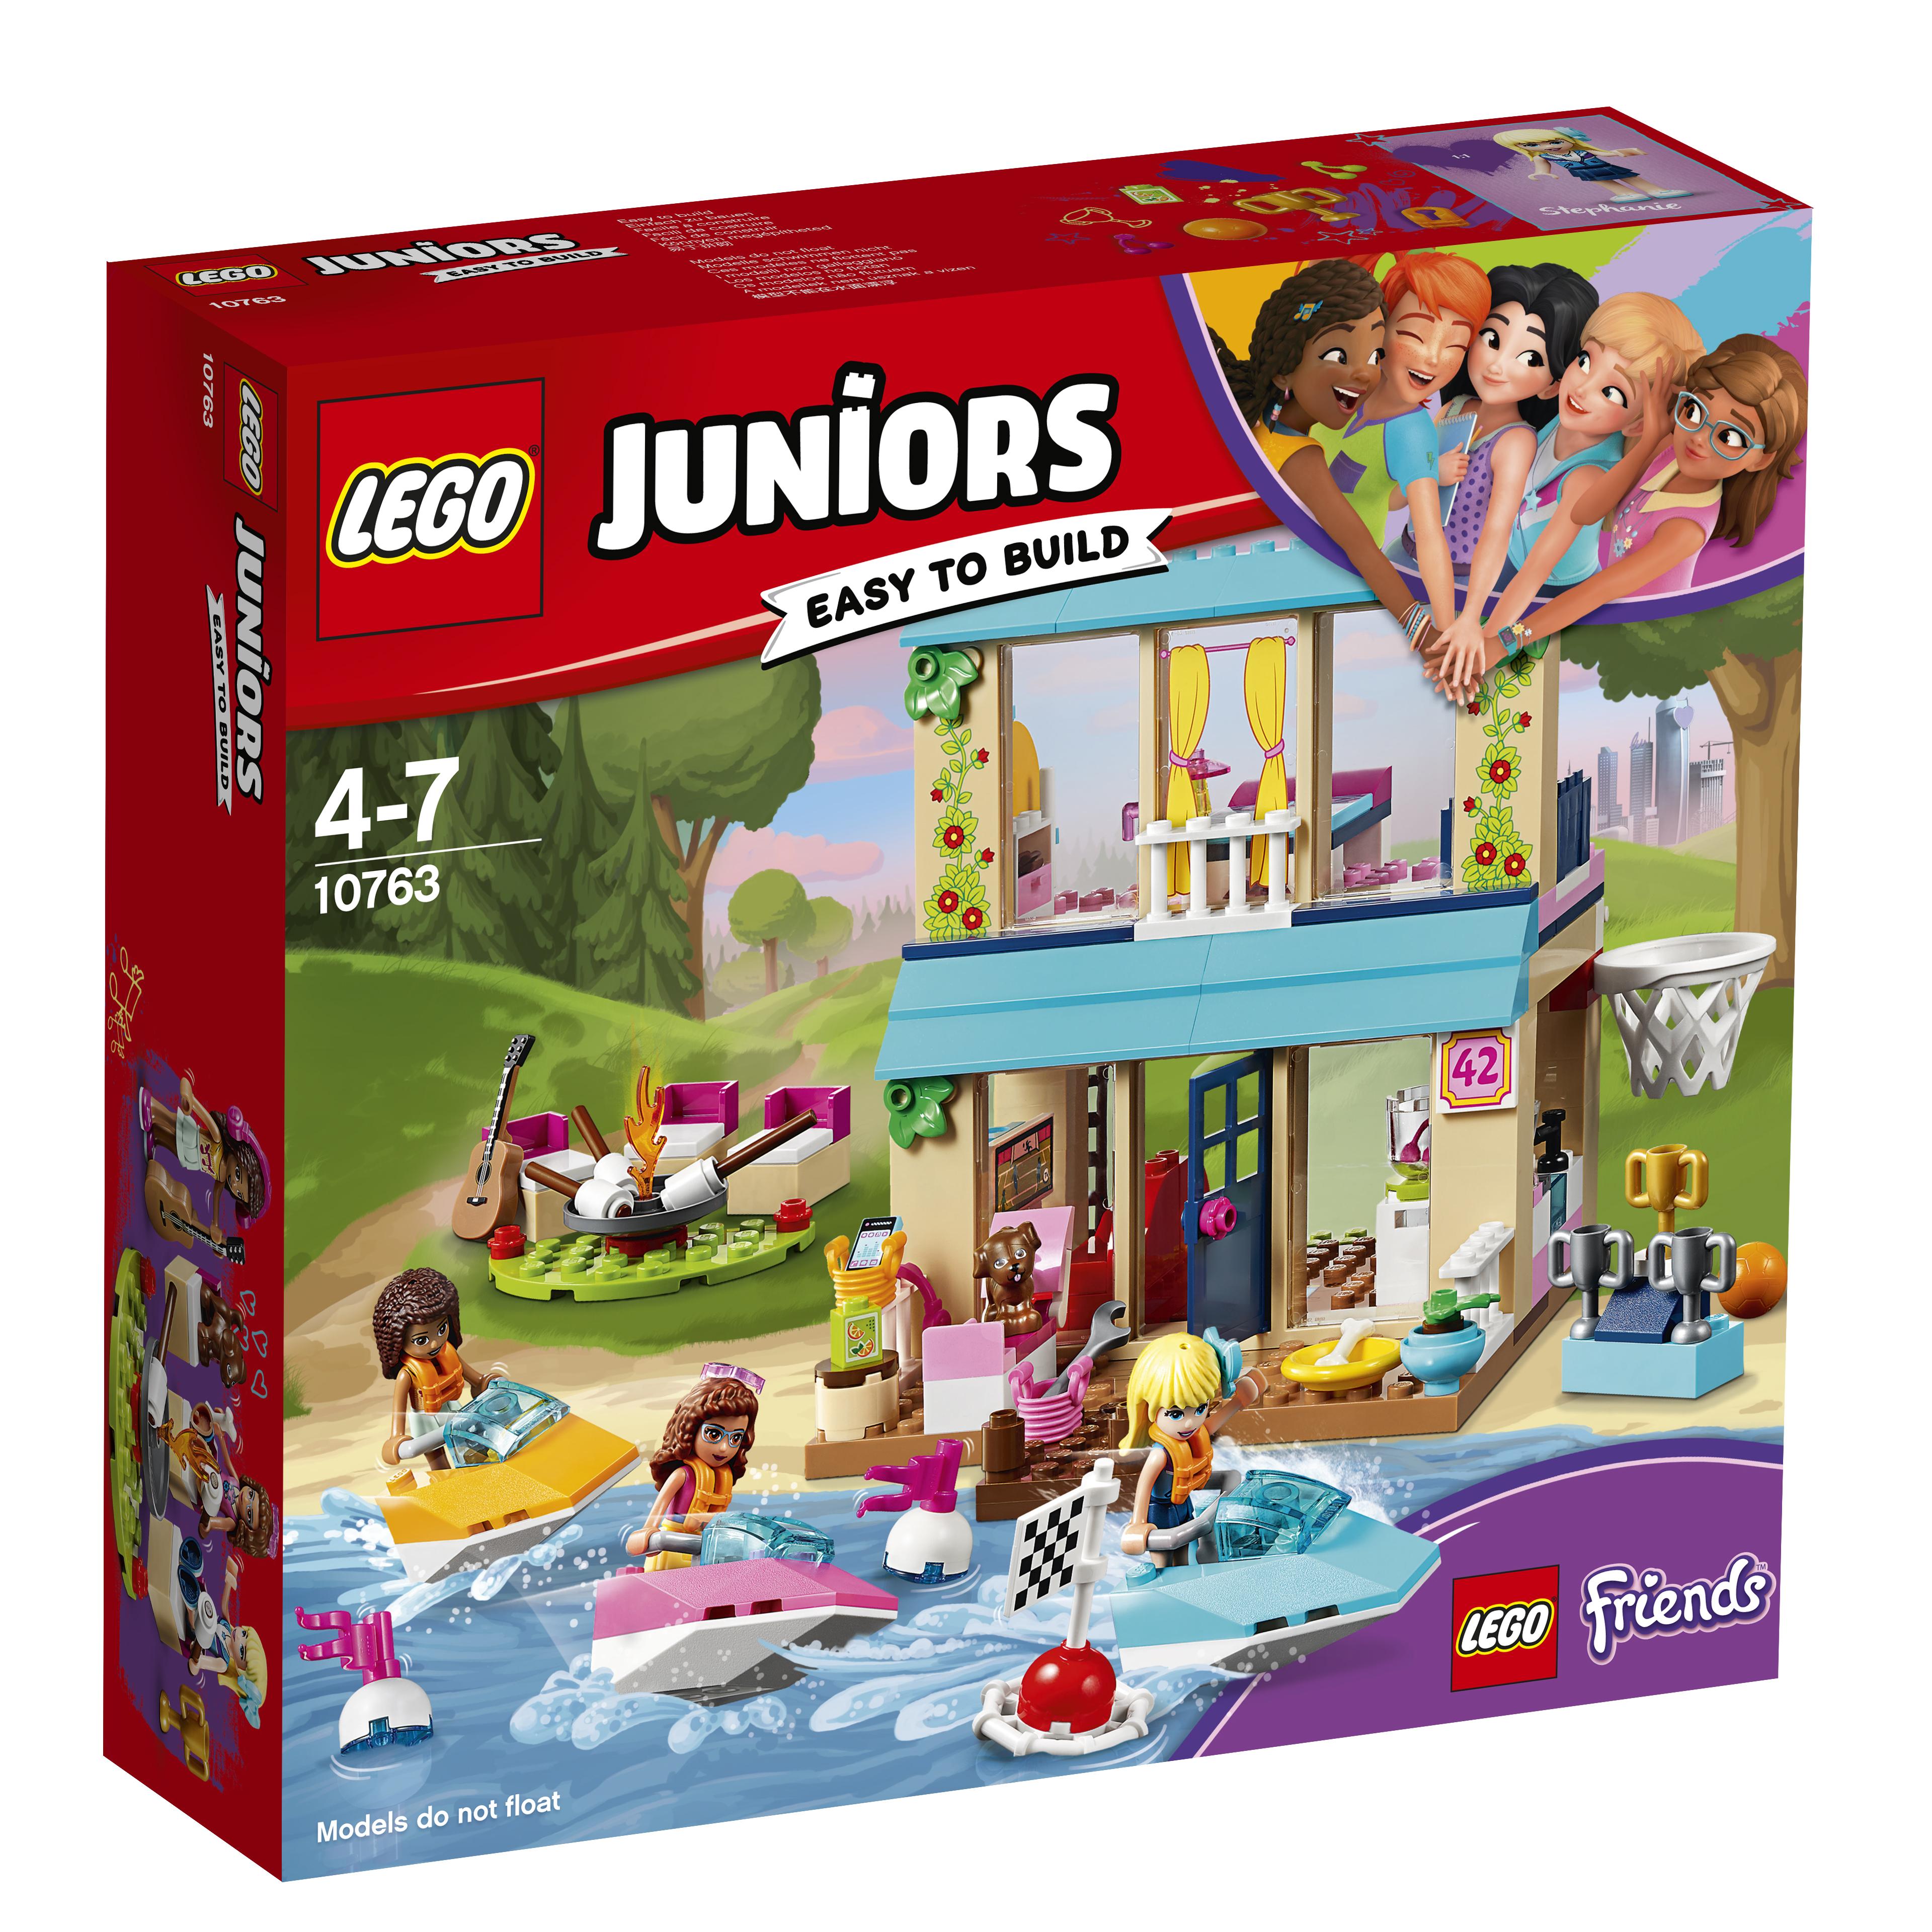 LEGO LEGO Конструктор LEGO Juniors 0 10763 lego juniors оборона бэтпещеры™